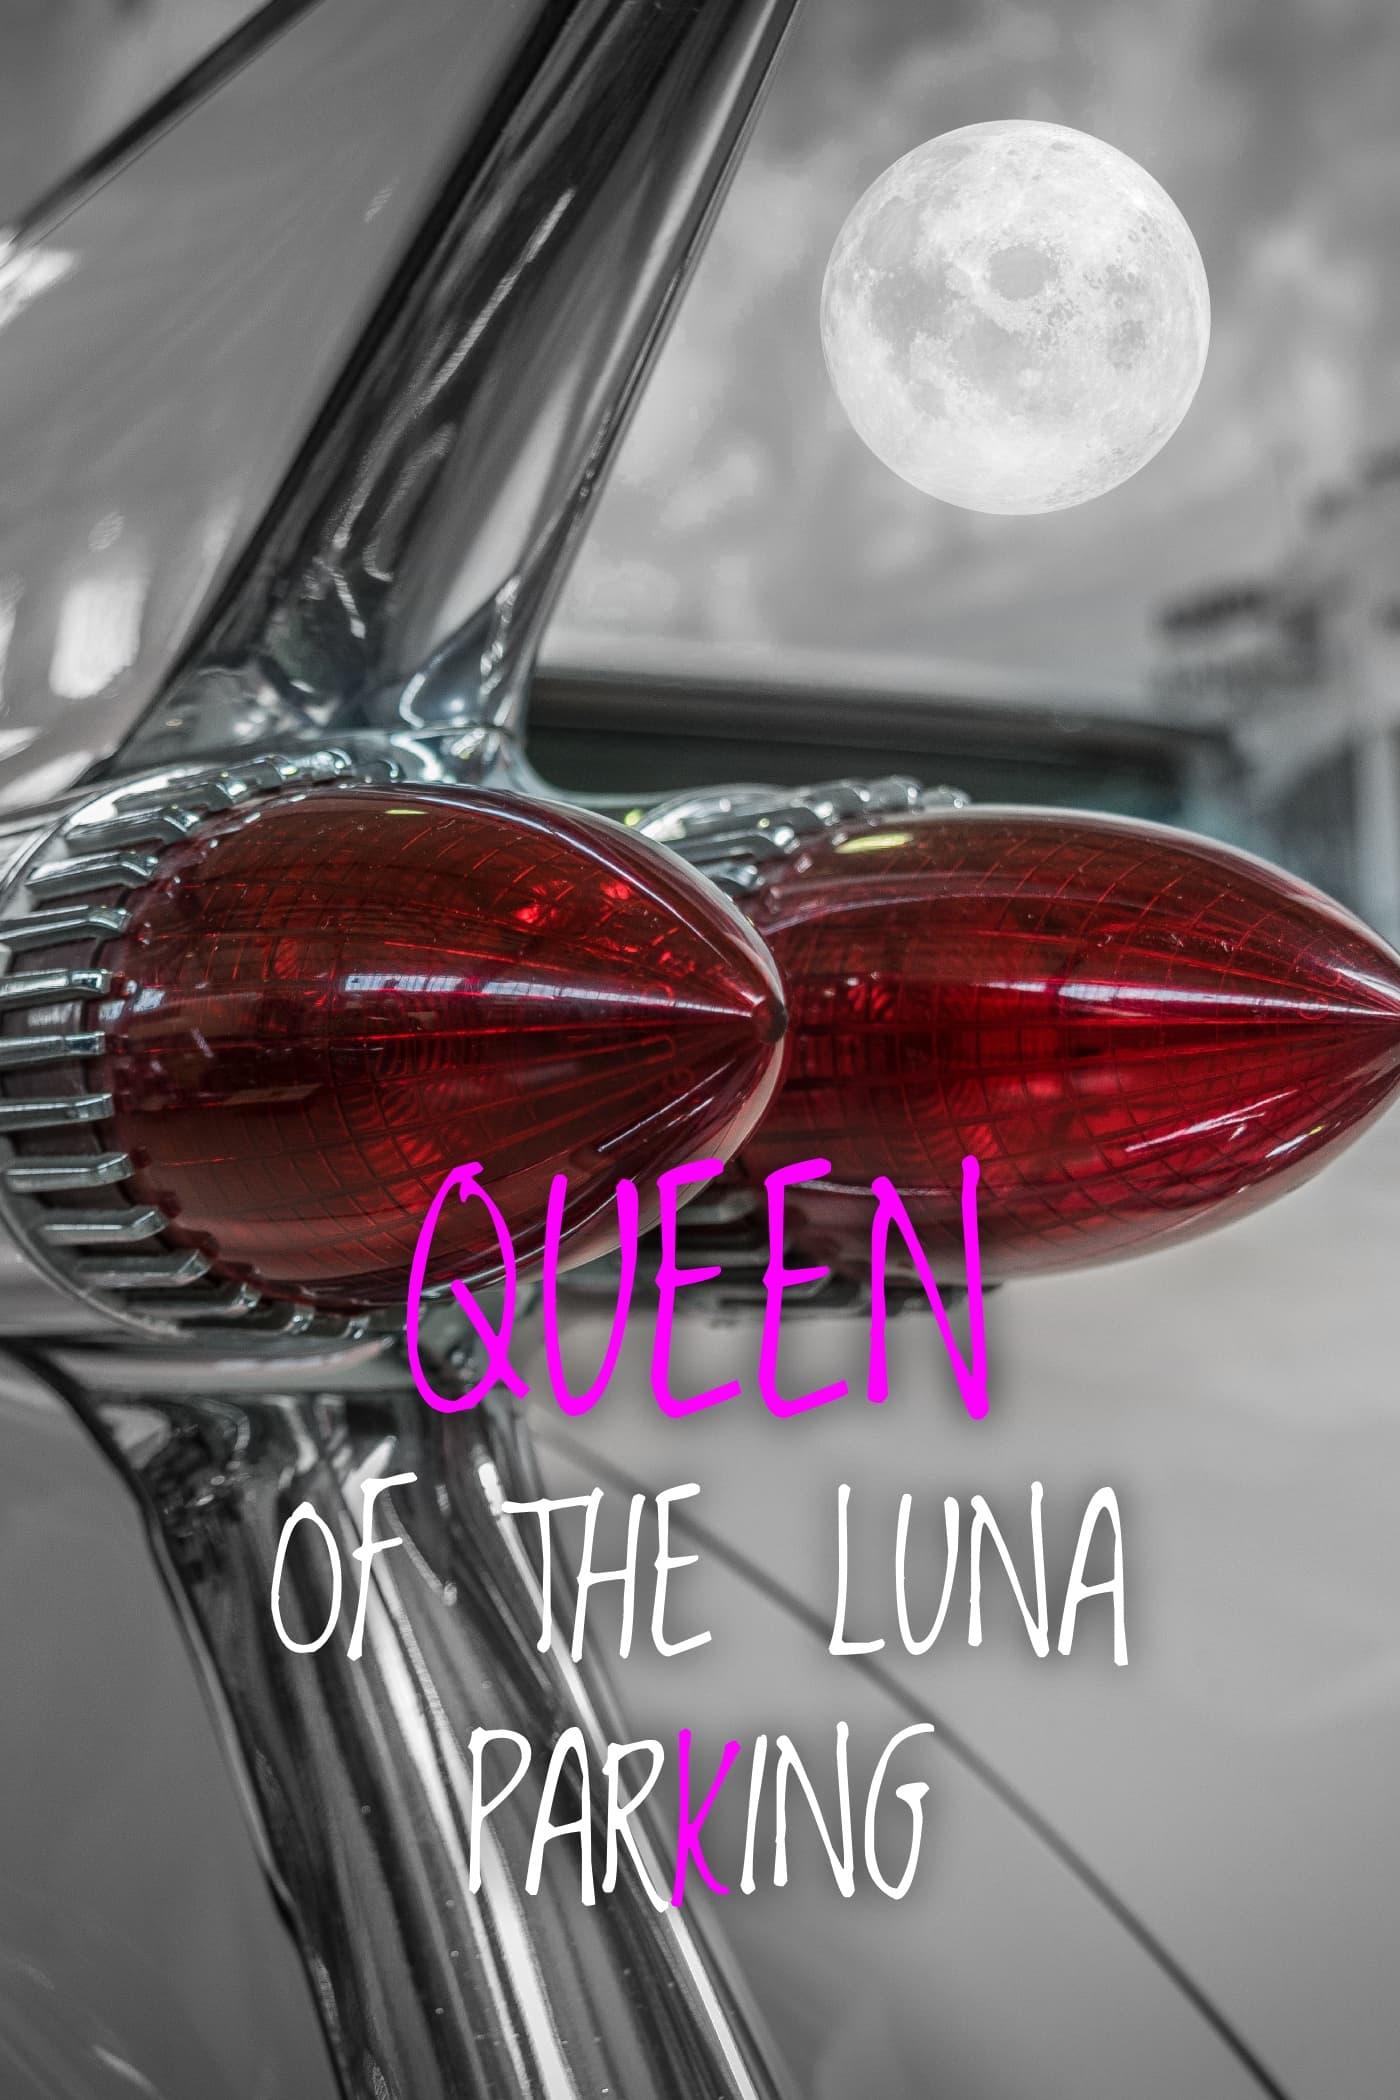 Queen of the Luna Parking